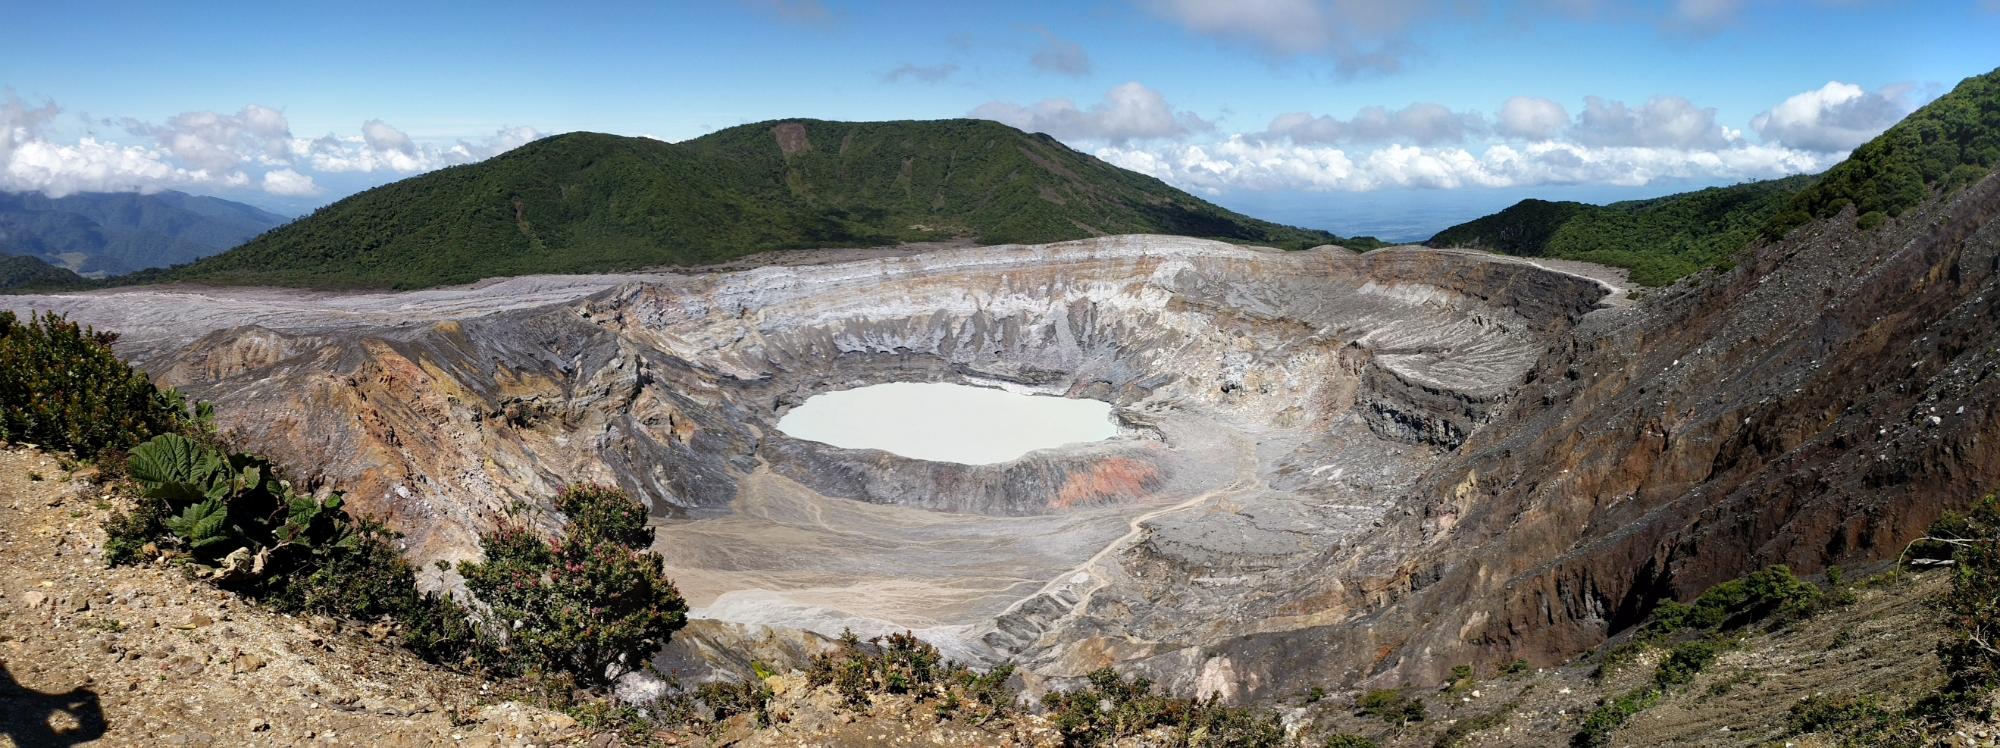 Costa Rica et sa région volcanique et ses chutes